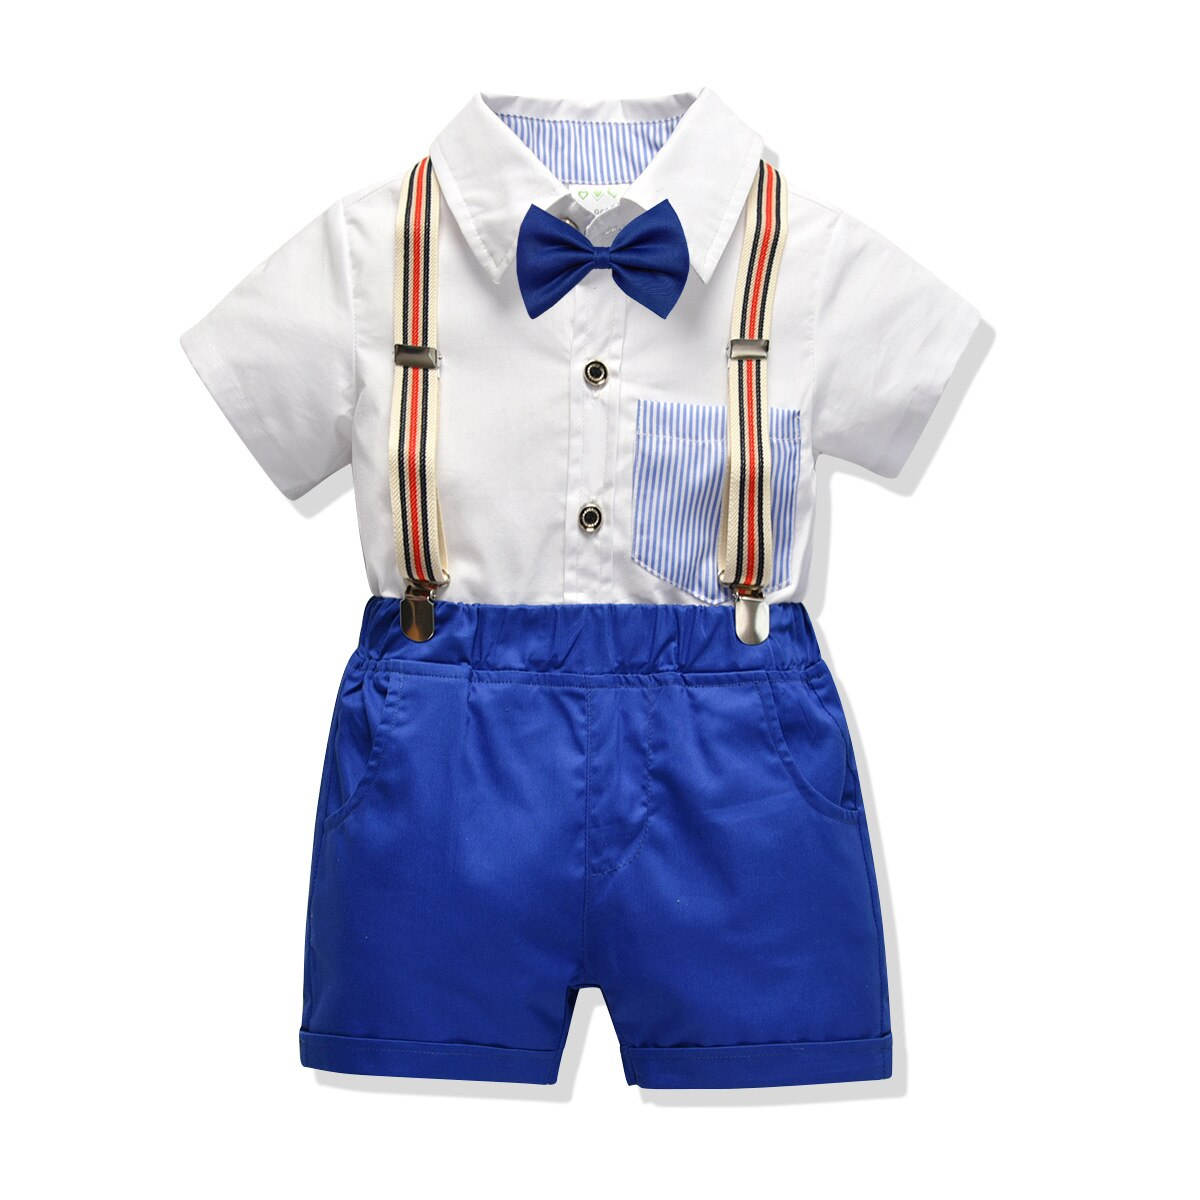 Formal de los niños traje de falda blanca falda azul + Pantalones cortos niños ropa conjunto guardapolvos niños Mariage niños boda Caballero trajes